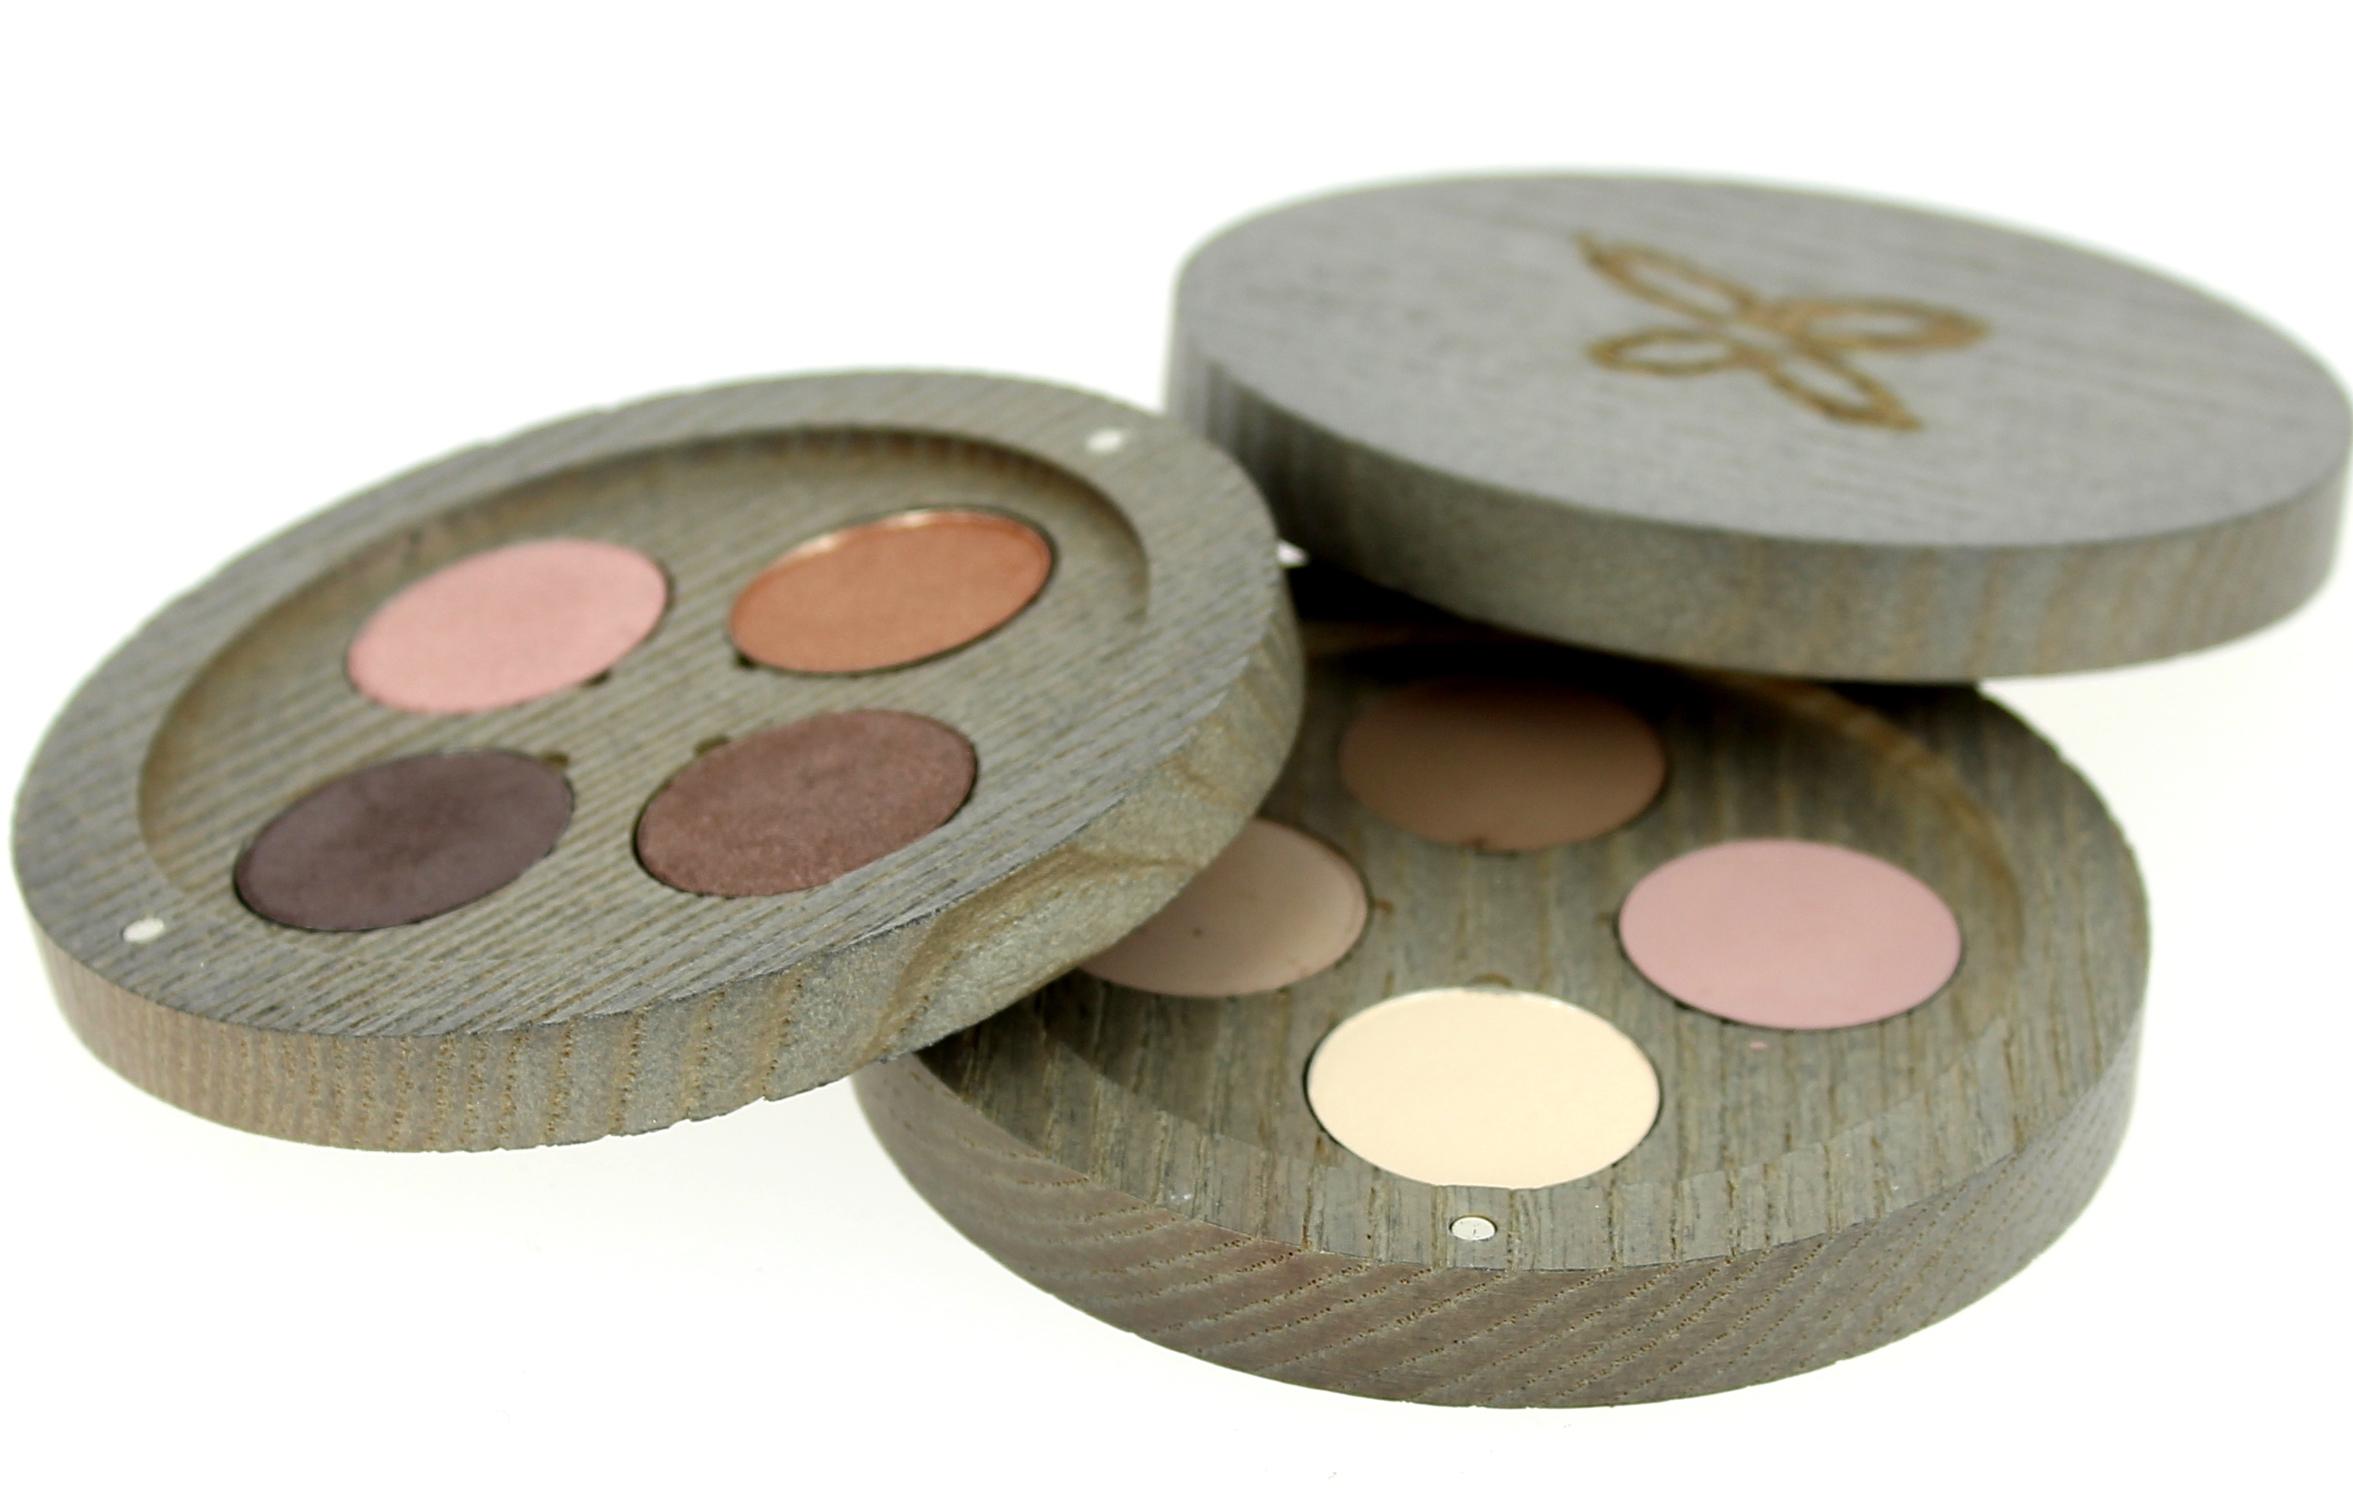 Doux Good - Boho - Palette Gipsy en bois - adaptable et personnalisable